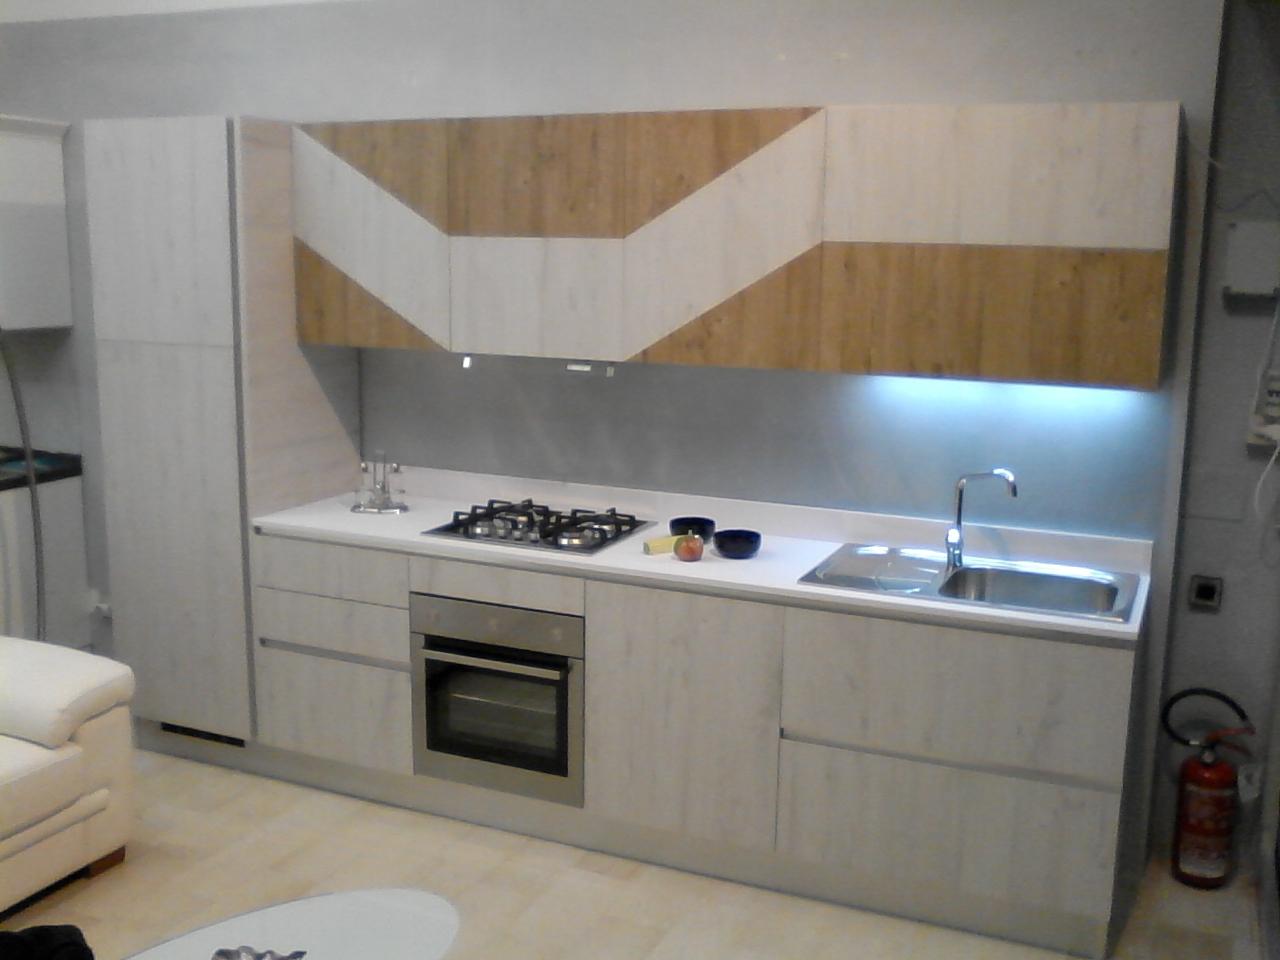 Vismap cucina modello gioia in laminato materico cucine - Top cucina in laminato ...